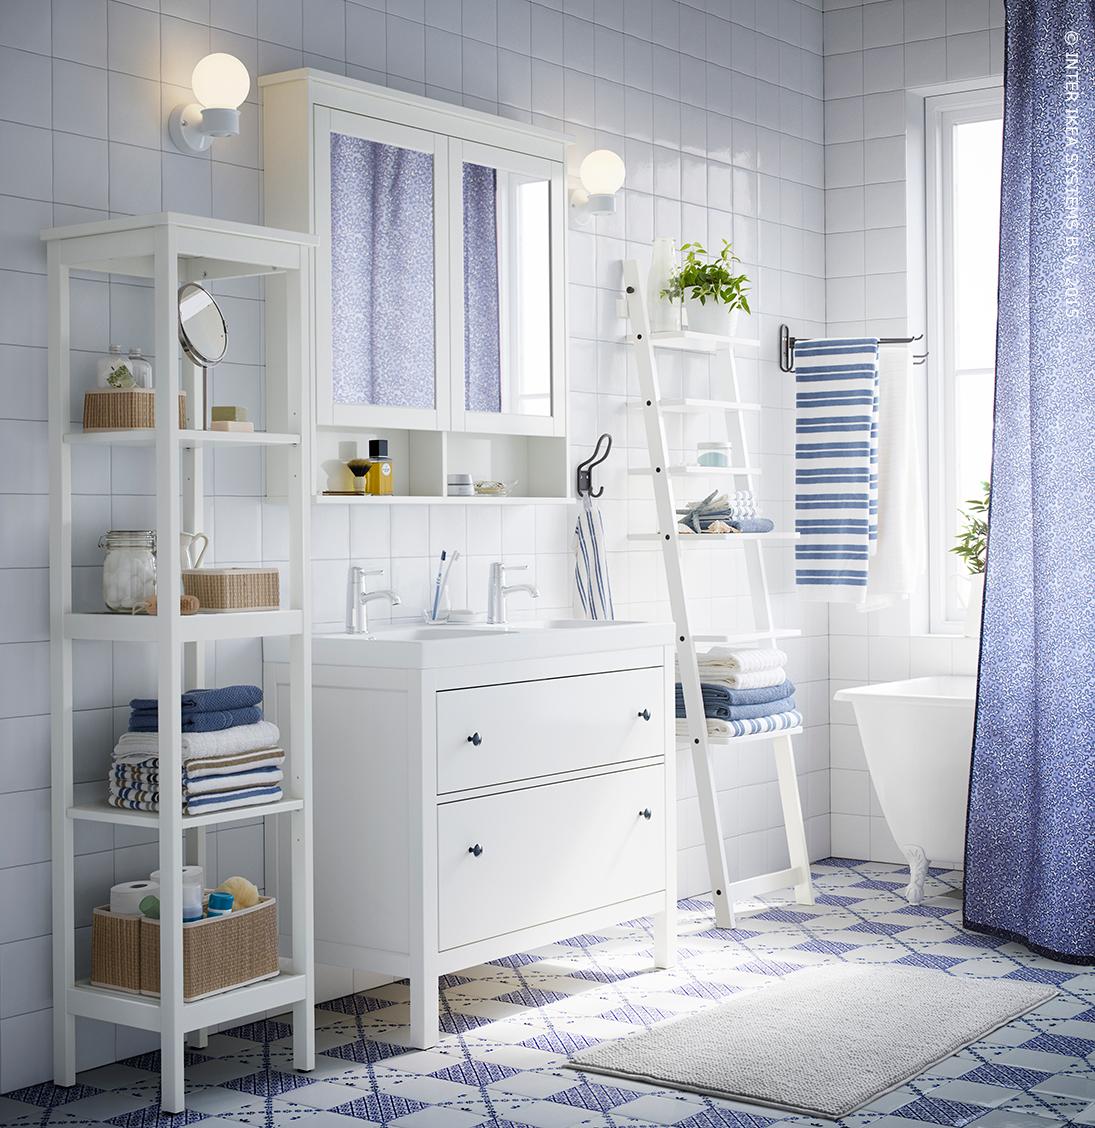 De l\'inspiration pour votre salle de bain. | ikea | Pinterest | Ikea ...